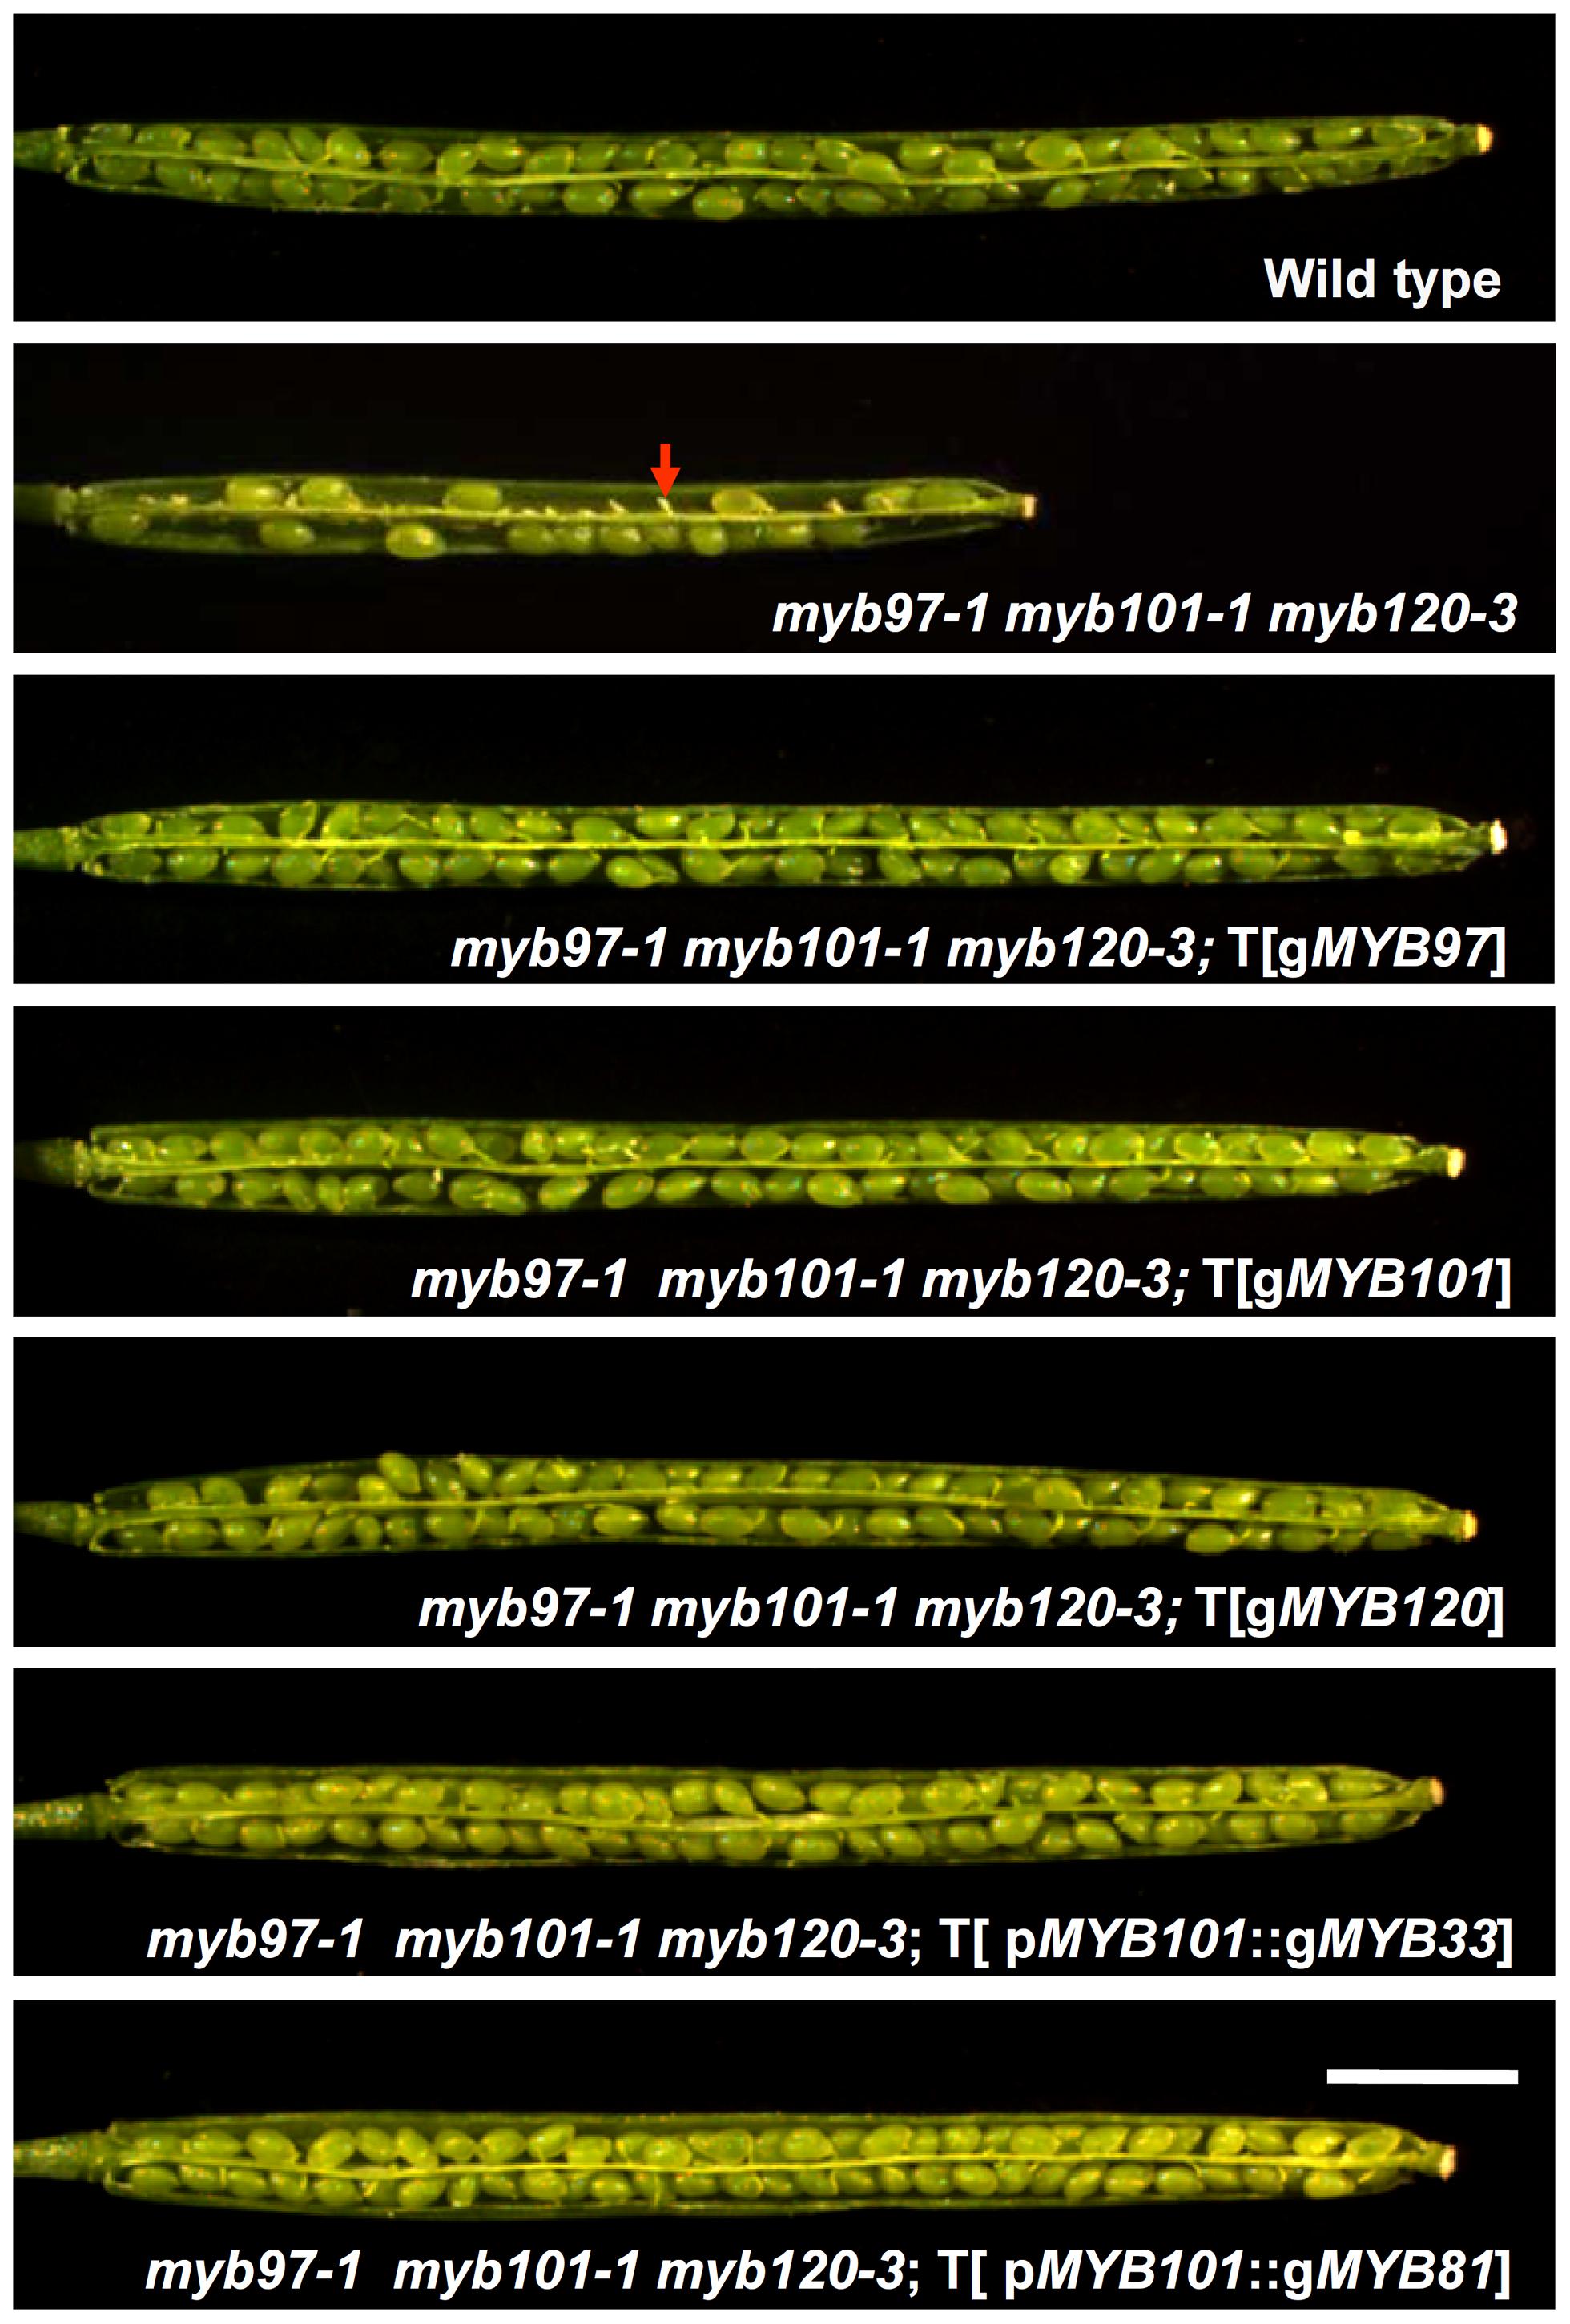 Complementation of the <i>myb97-1 myb101-1 myb120-3</i> mutant.